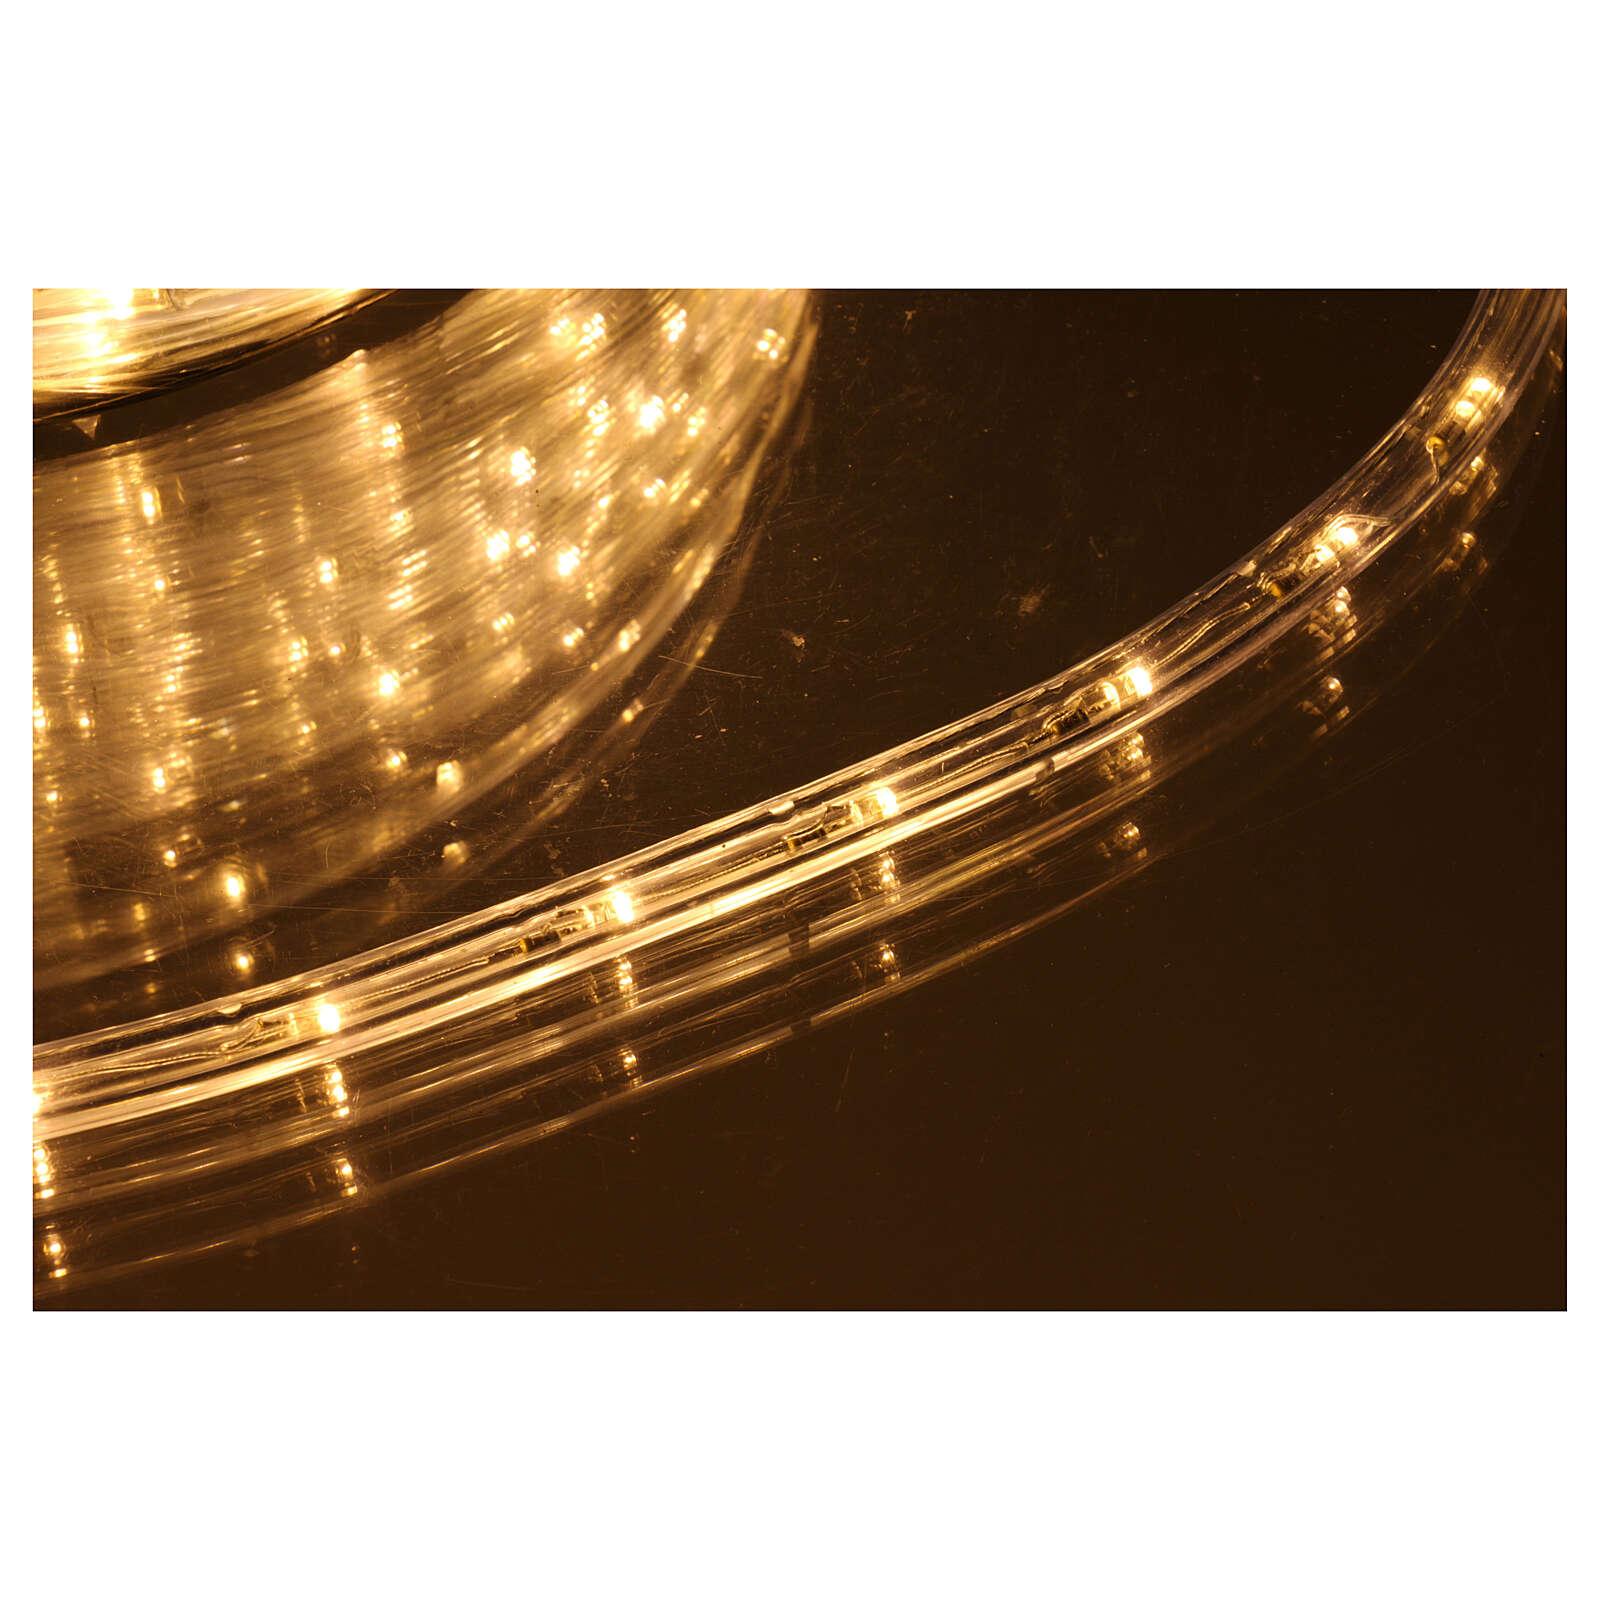 Luce Natale Tubo Led bianco caldo 50 m 3 vie a taglio 3